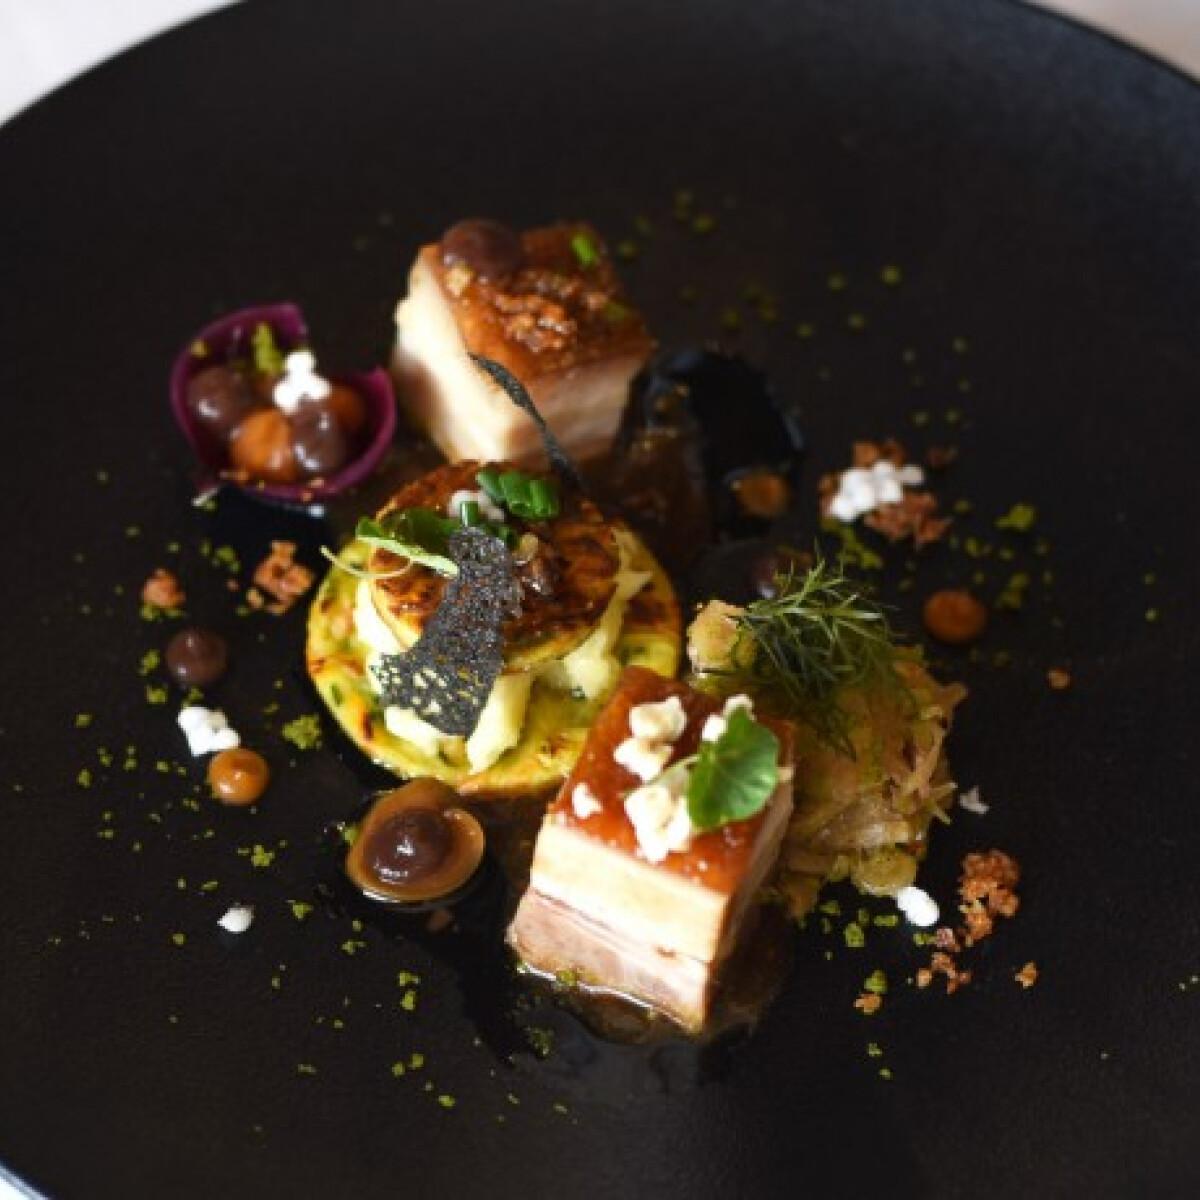 Ropogós malac császárhús burgonya textúrával, füstöltsonkás savanyú káposztával